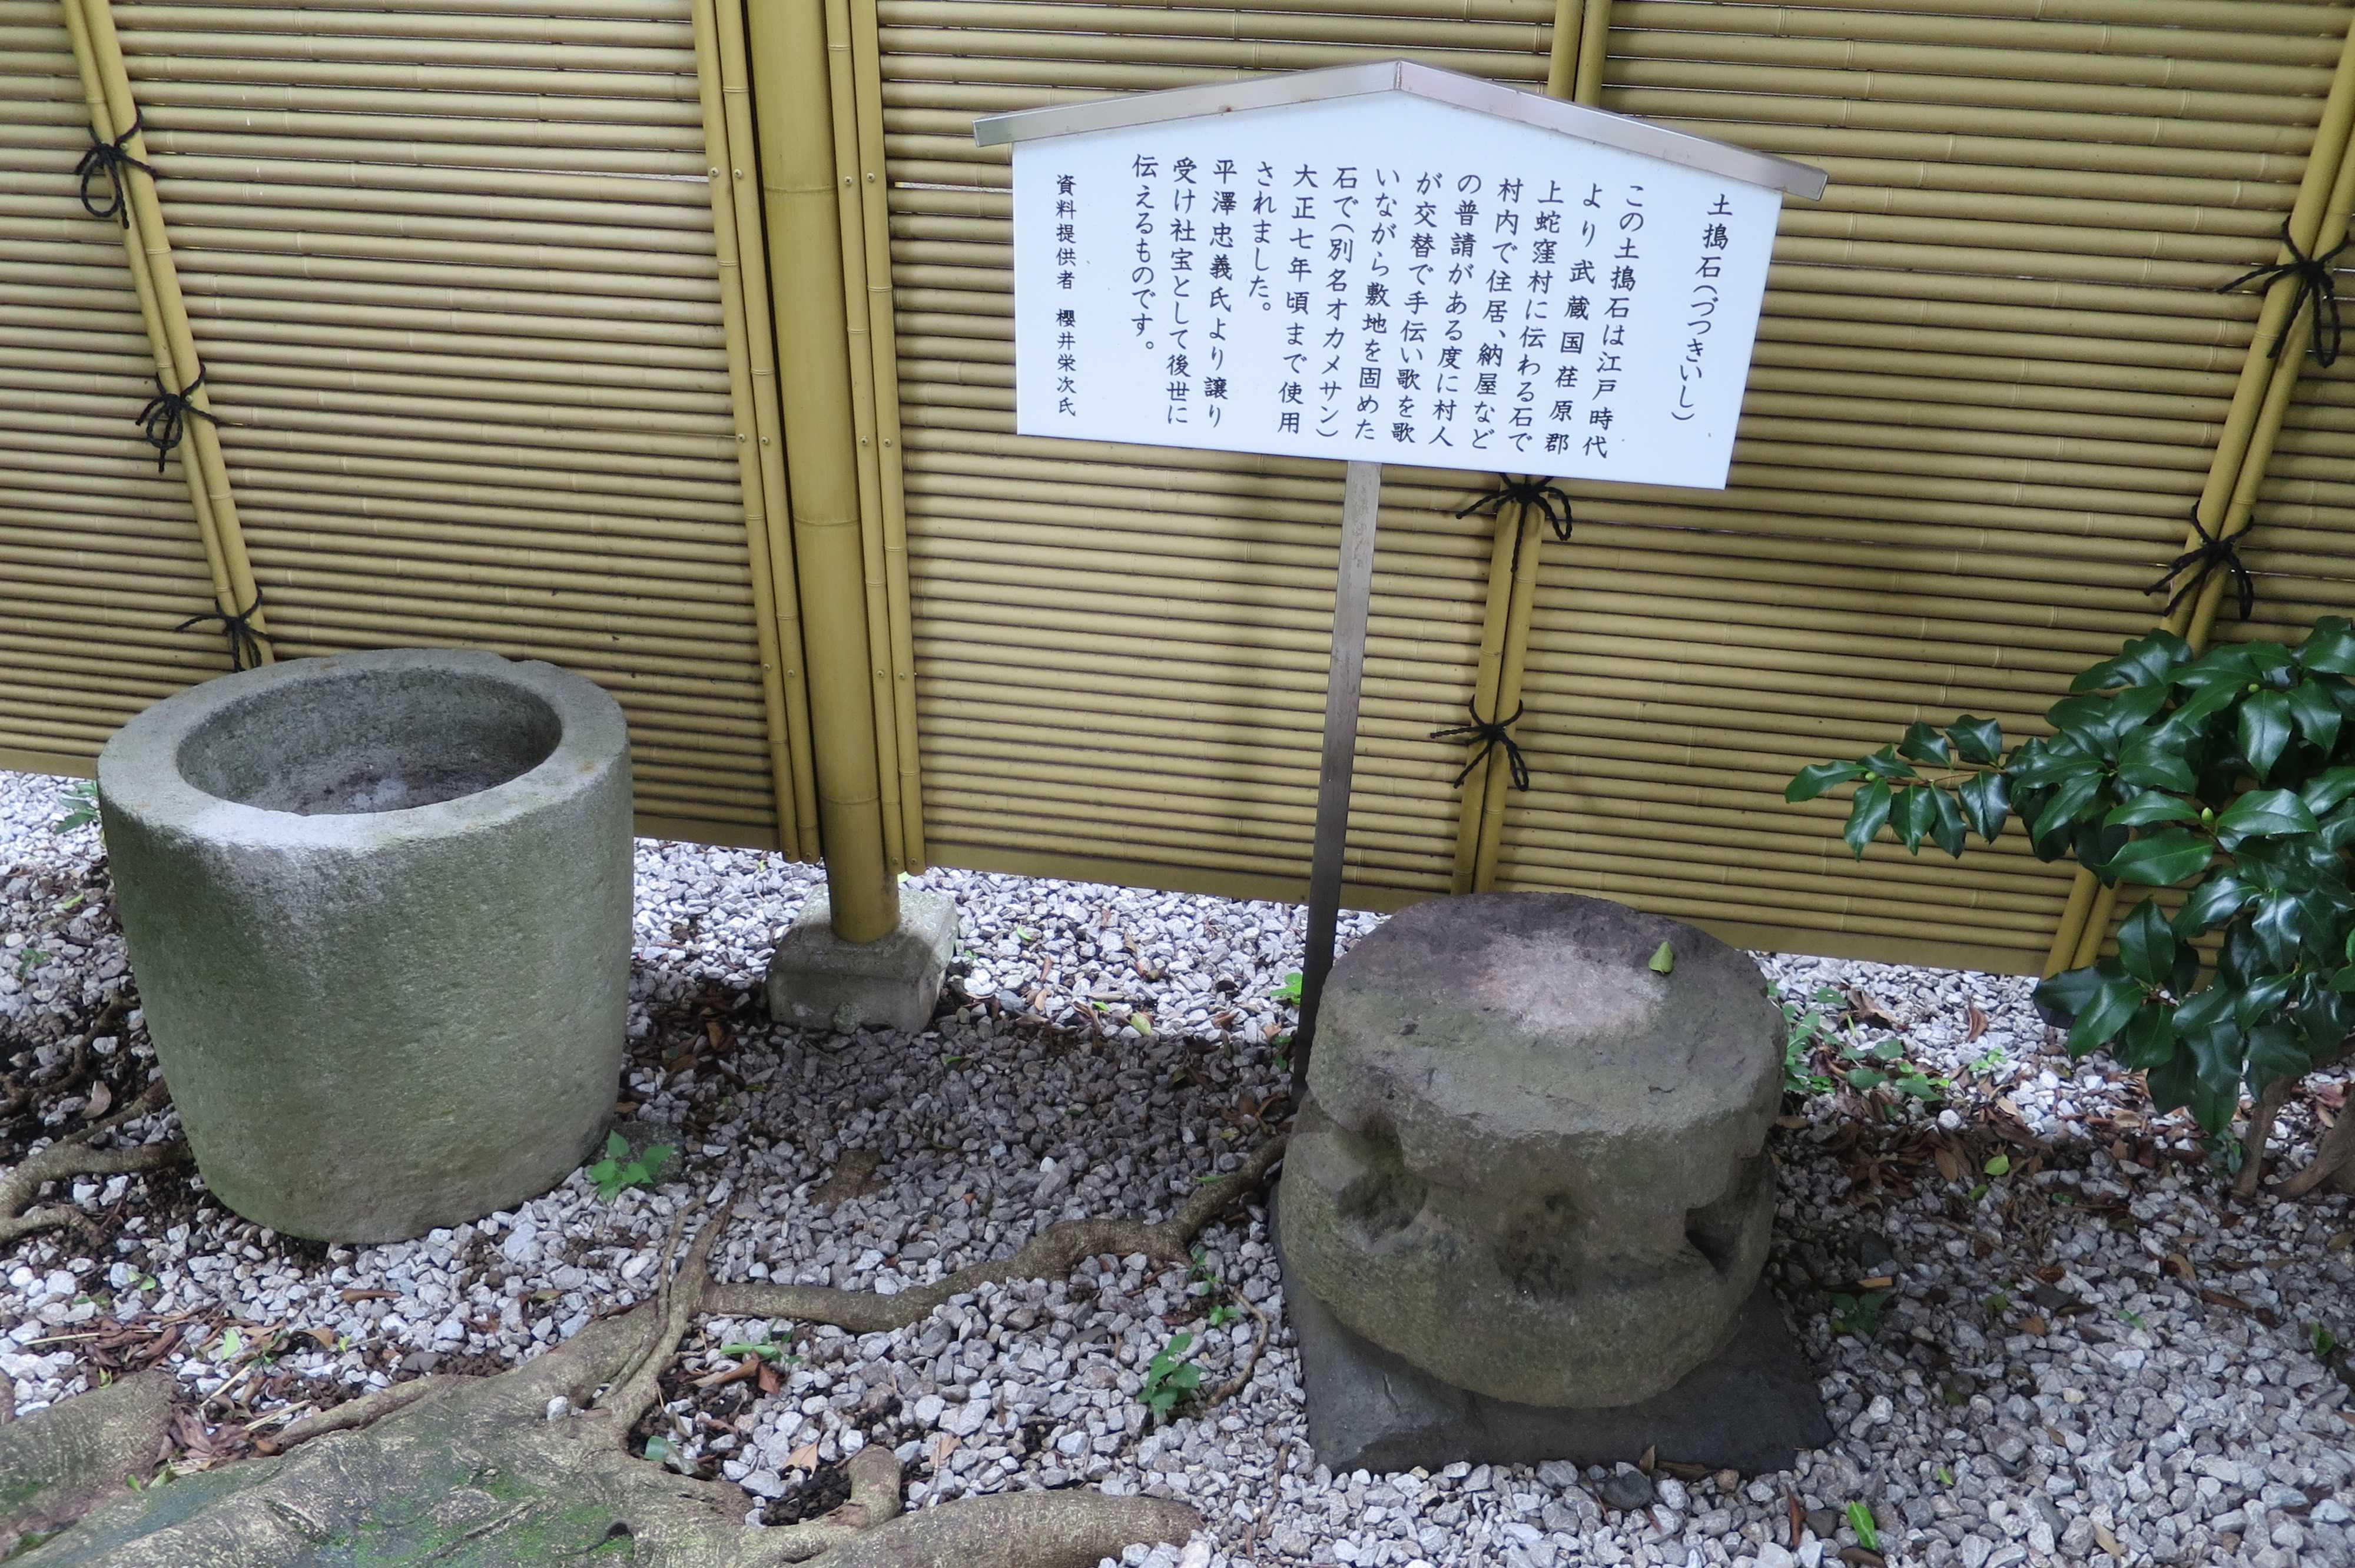 上神明天祖神社の土搗石(づつきいし)- 敷地を固める石